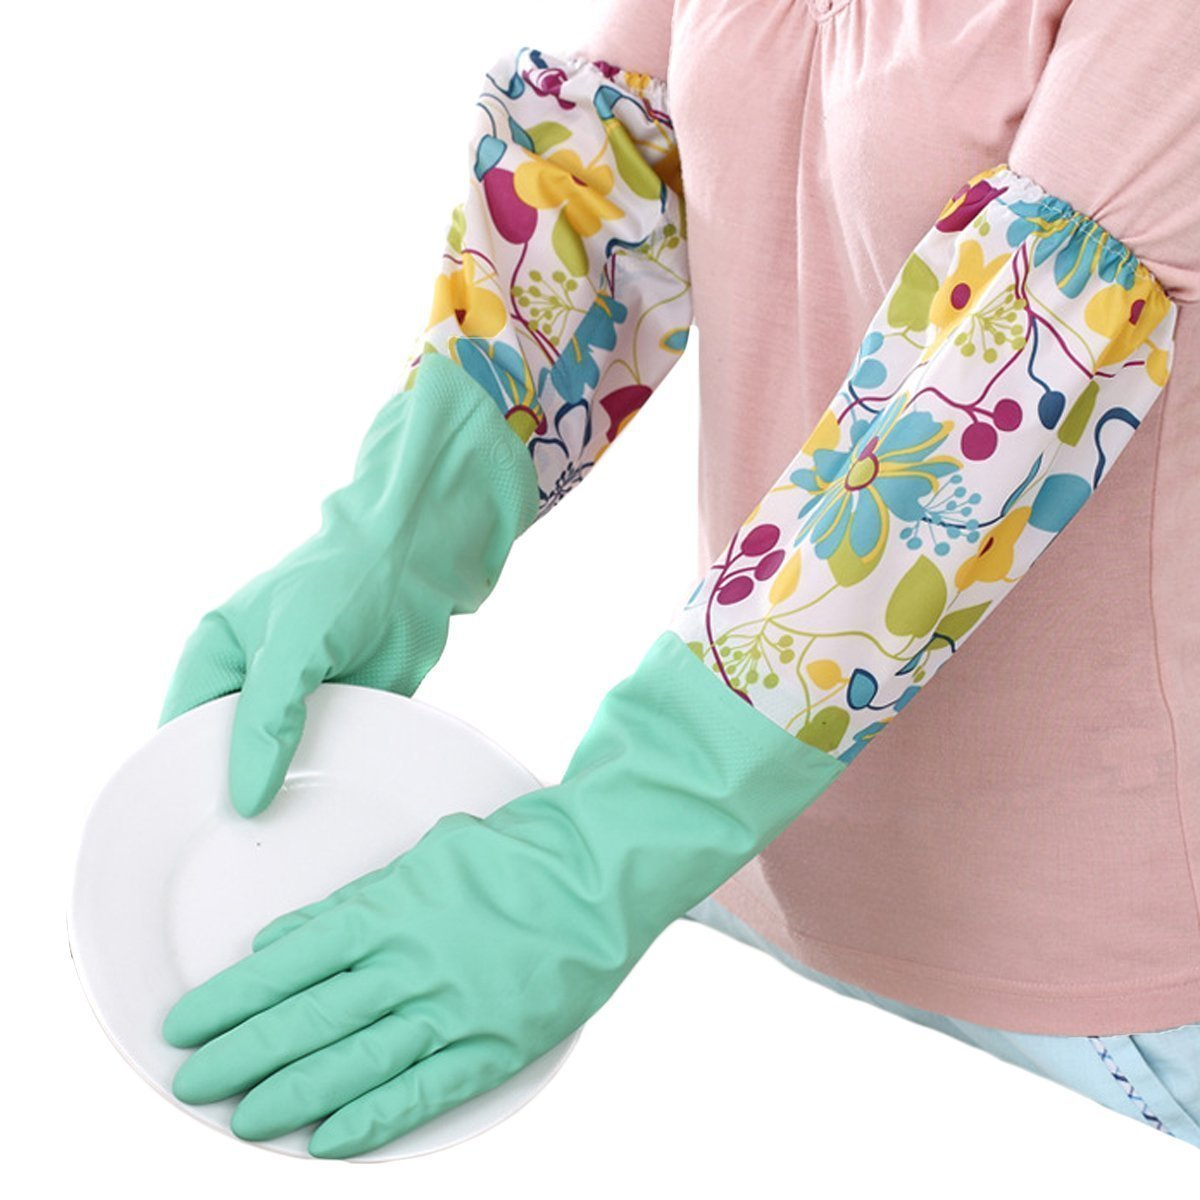 VASANA 1 Paar Wiederverwendbare Lange Gummi-Reinigungshandschuhe mit weichem warmen Futter Küche Haushalt Winter Warm Wasserdicht Anti-Rutsch-Handschuhe